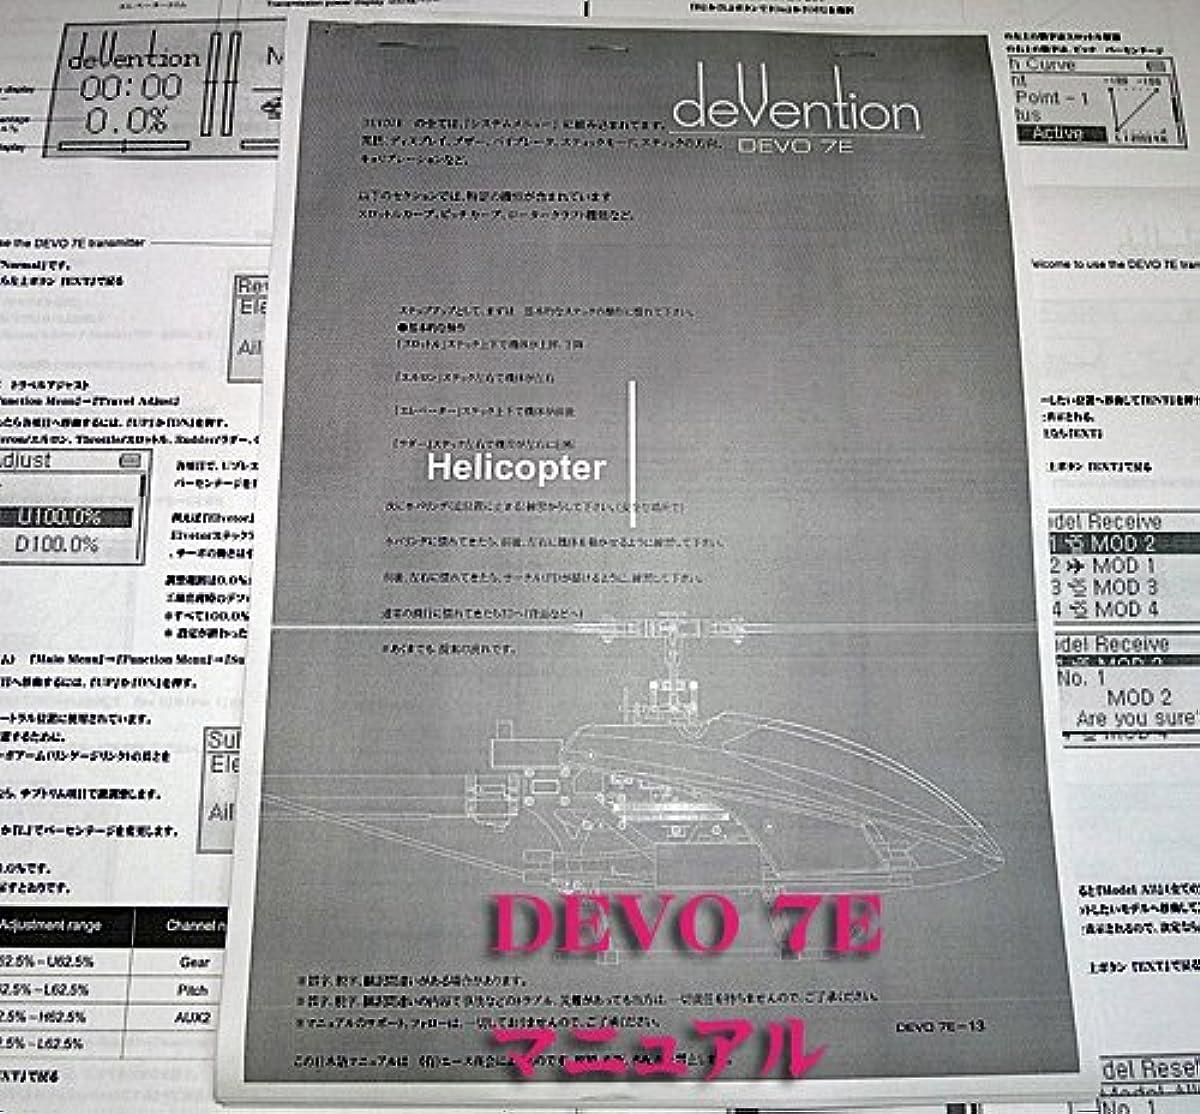 [해외] 【일본 국내 발송】WALKERA 와루케라 DEVO7E송신기/ 일본어 번역 메뉴얼 헬리콥터편 (모노블랙 카피)